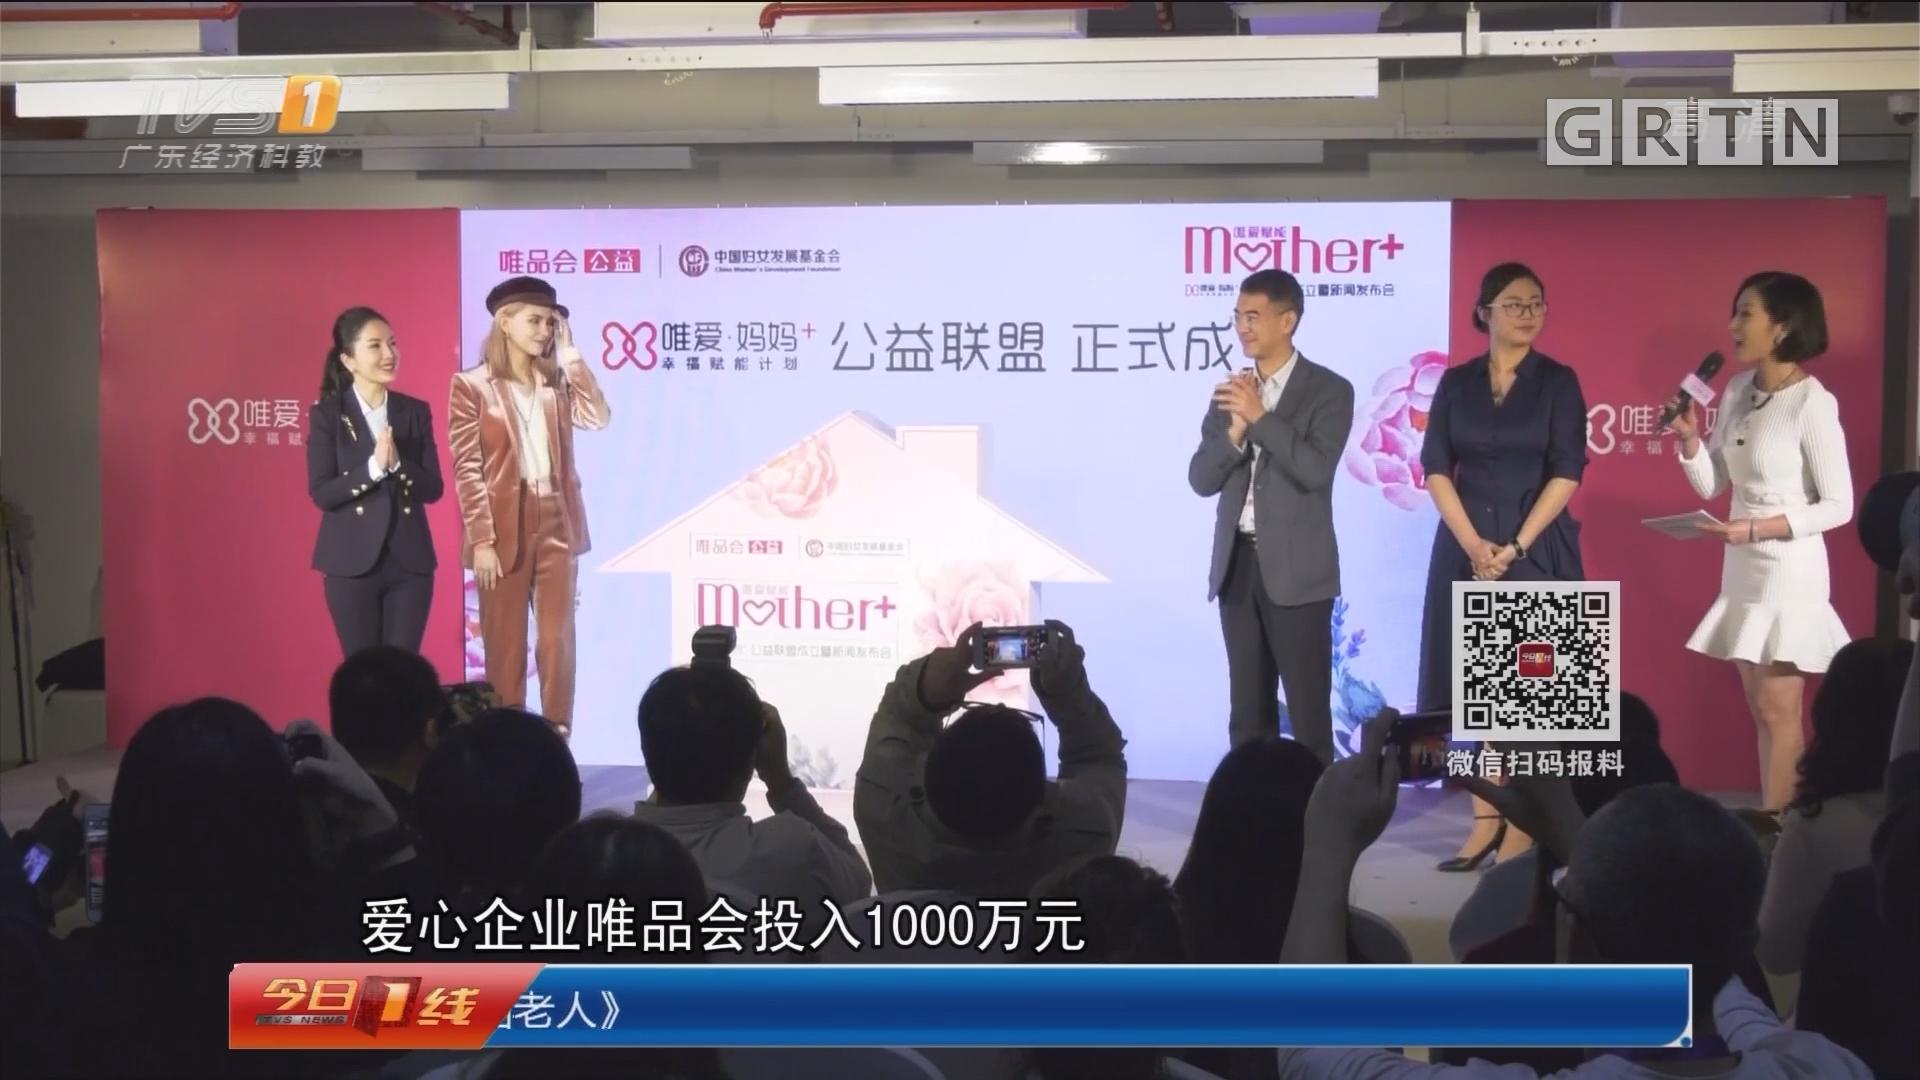 广州:公益联盟成立 帮助单亲妈妈